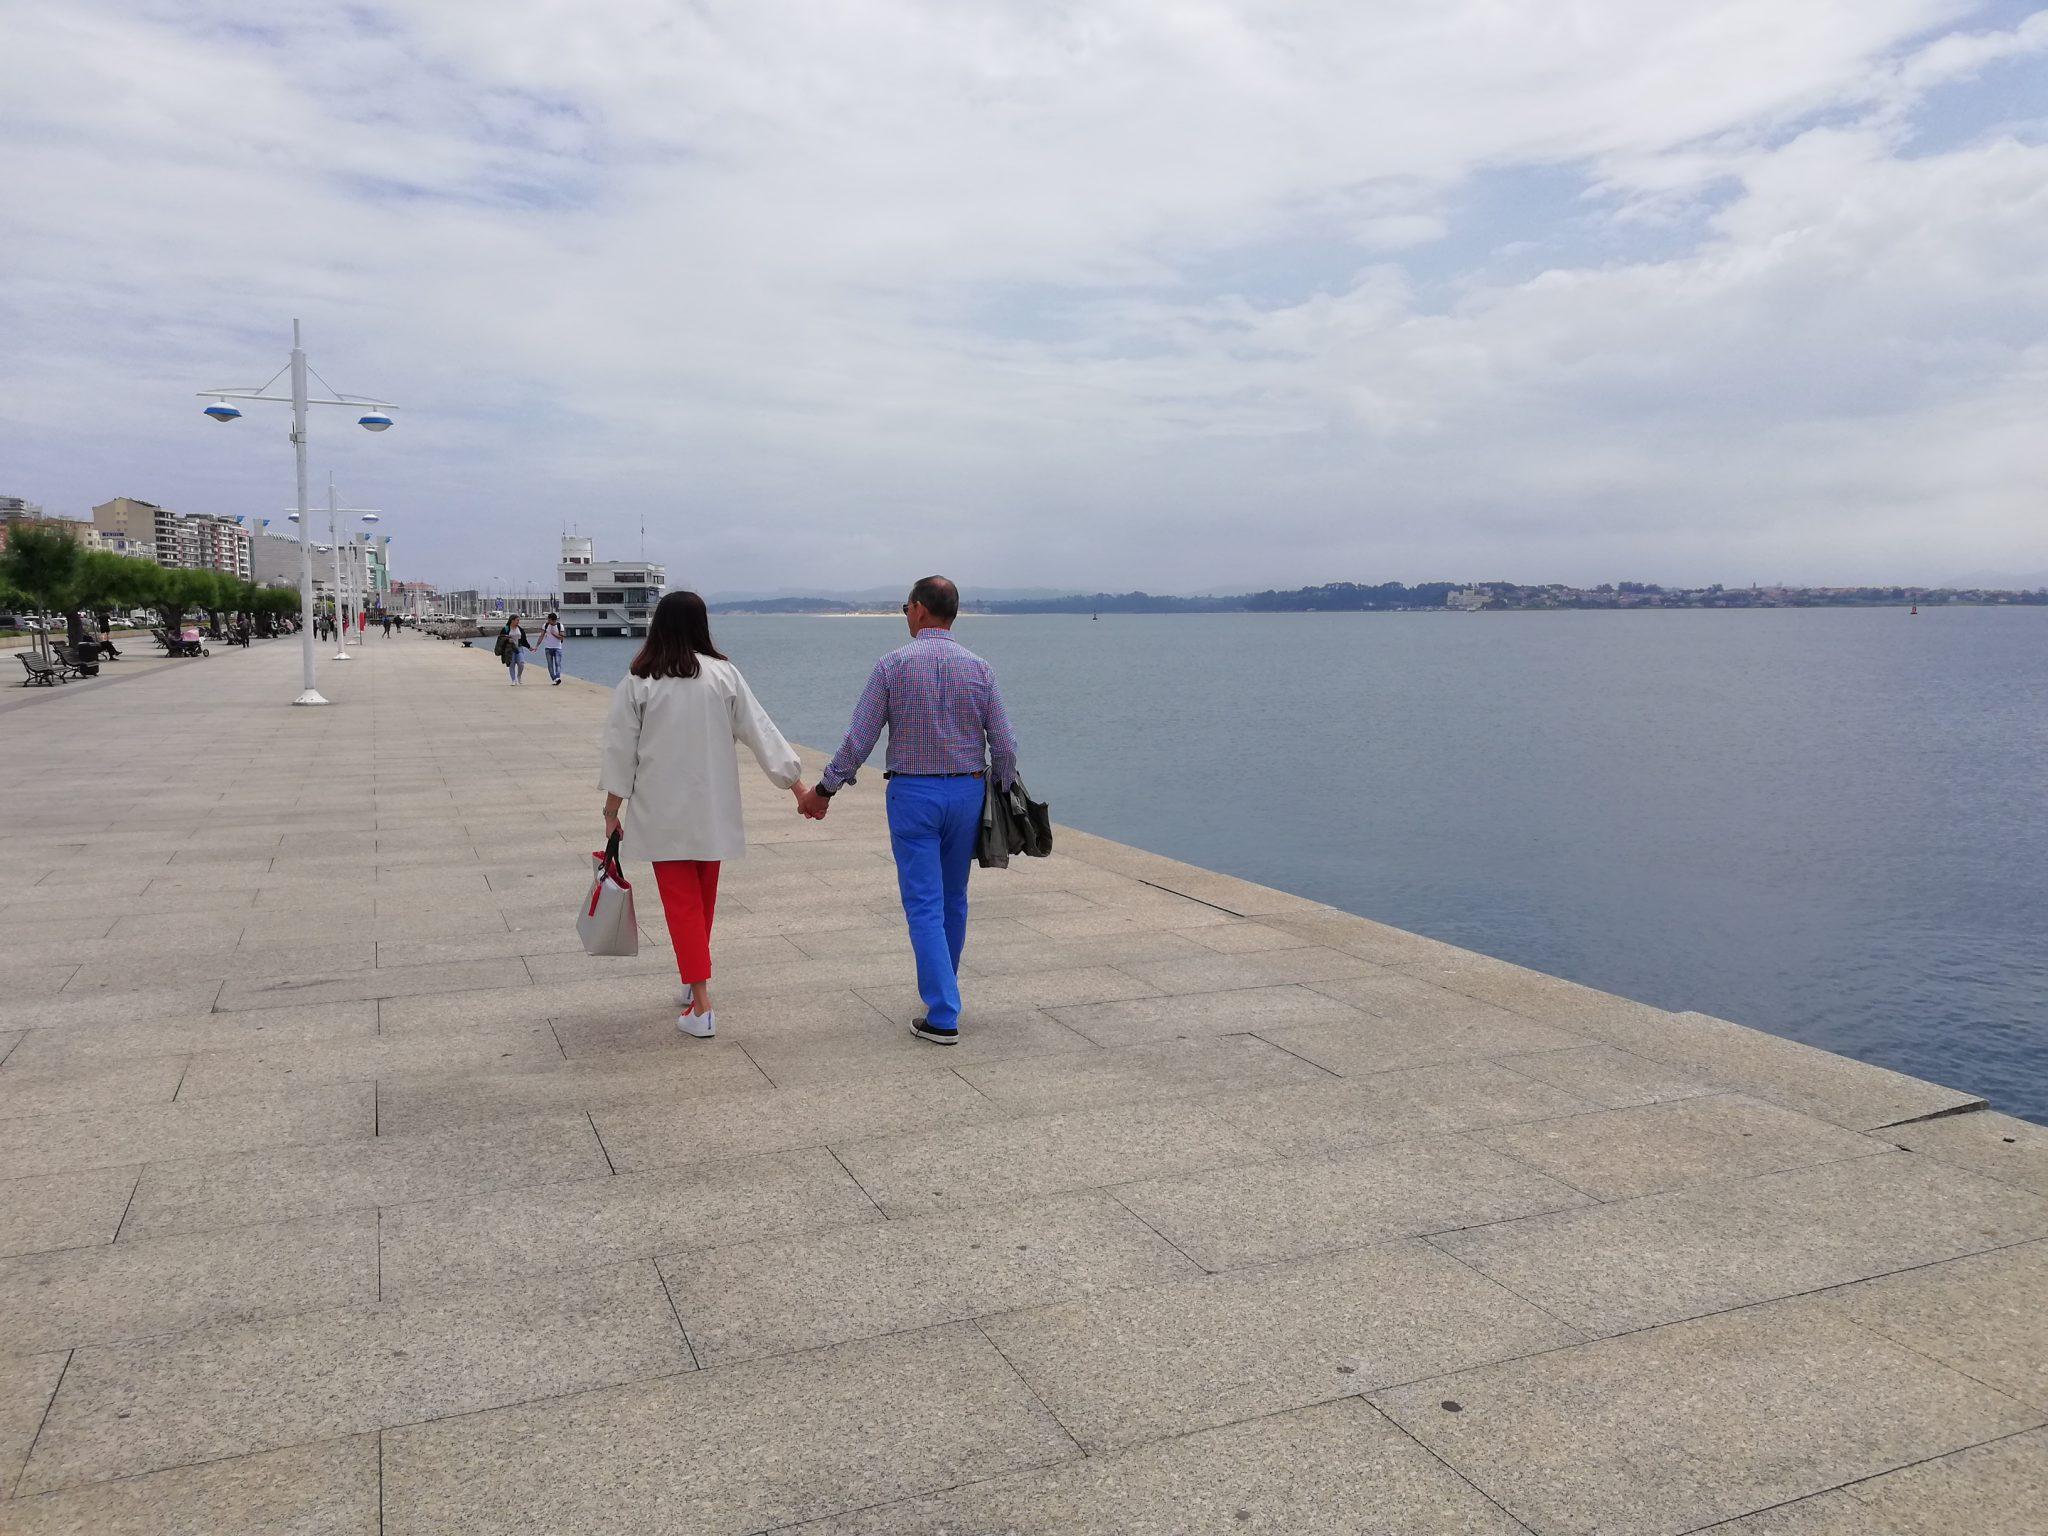 abuela a la ultima y abuelo de paseo cojidos de la mano al borde del mar